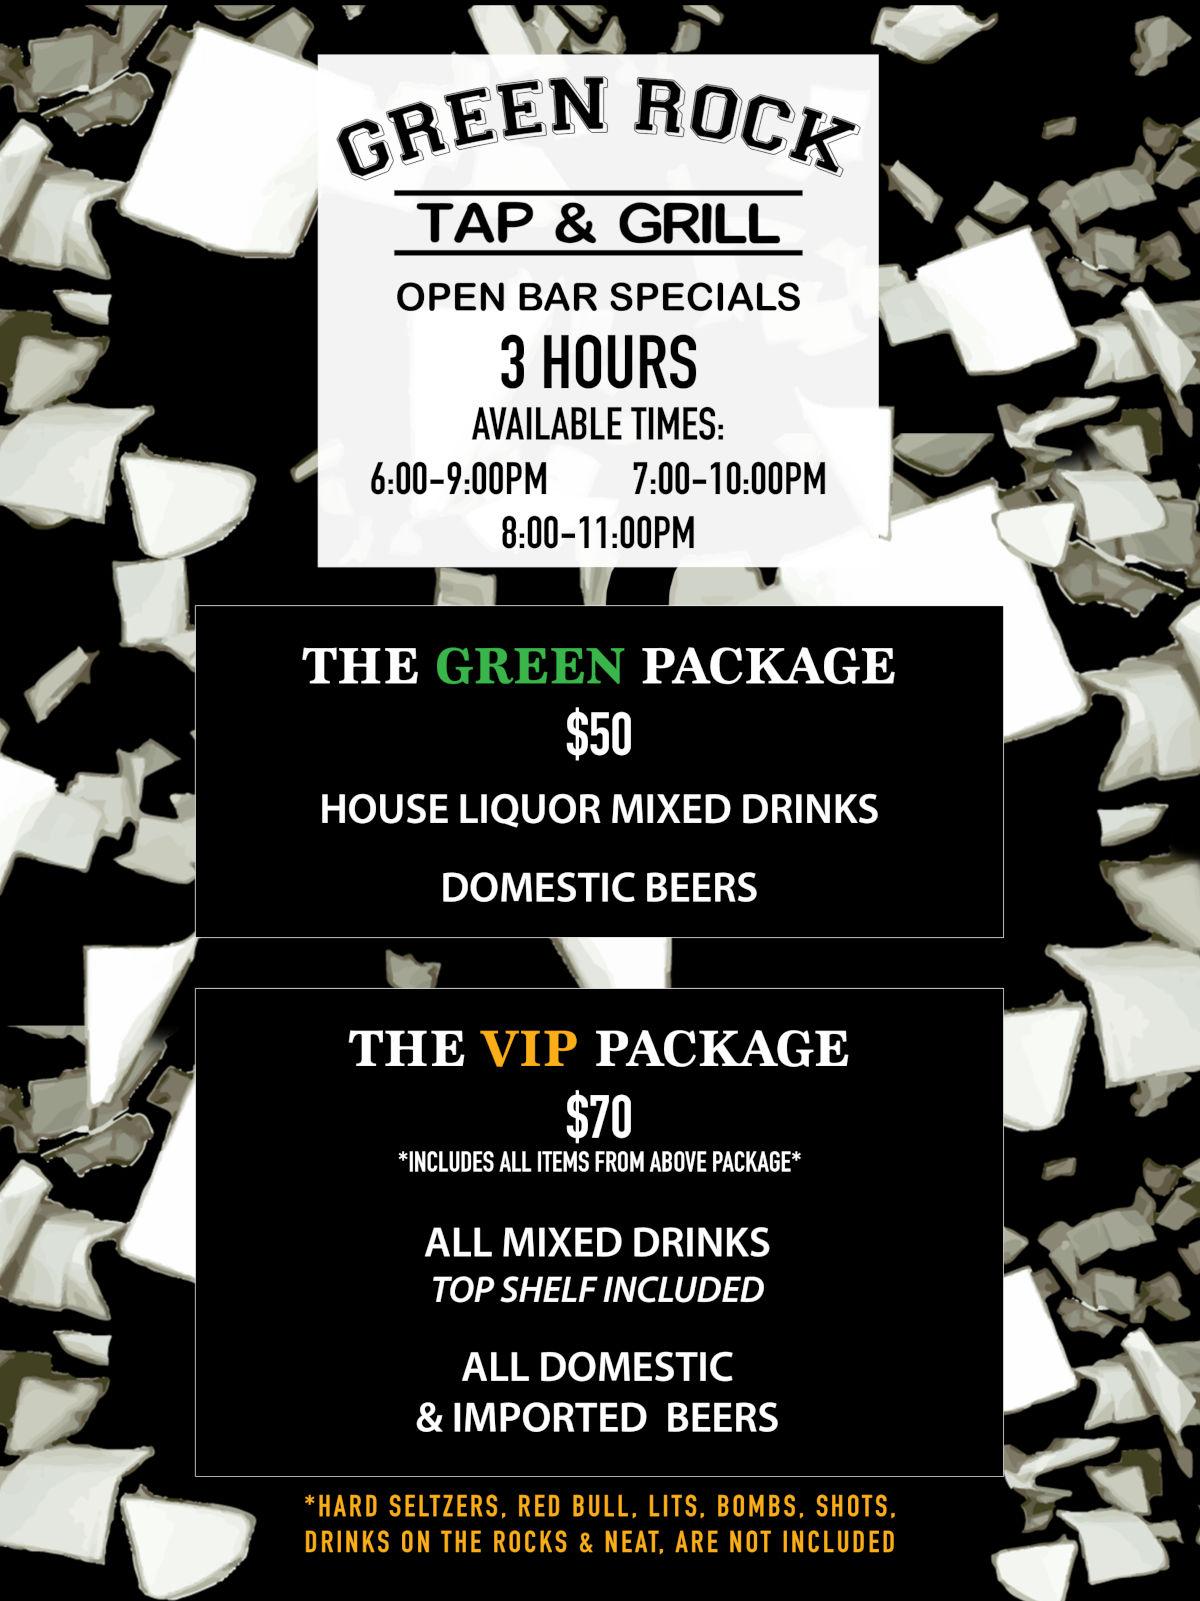 open bar specials